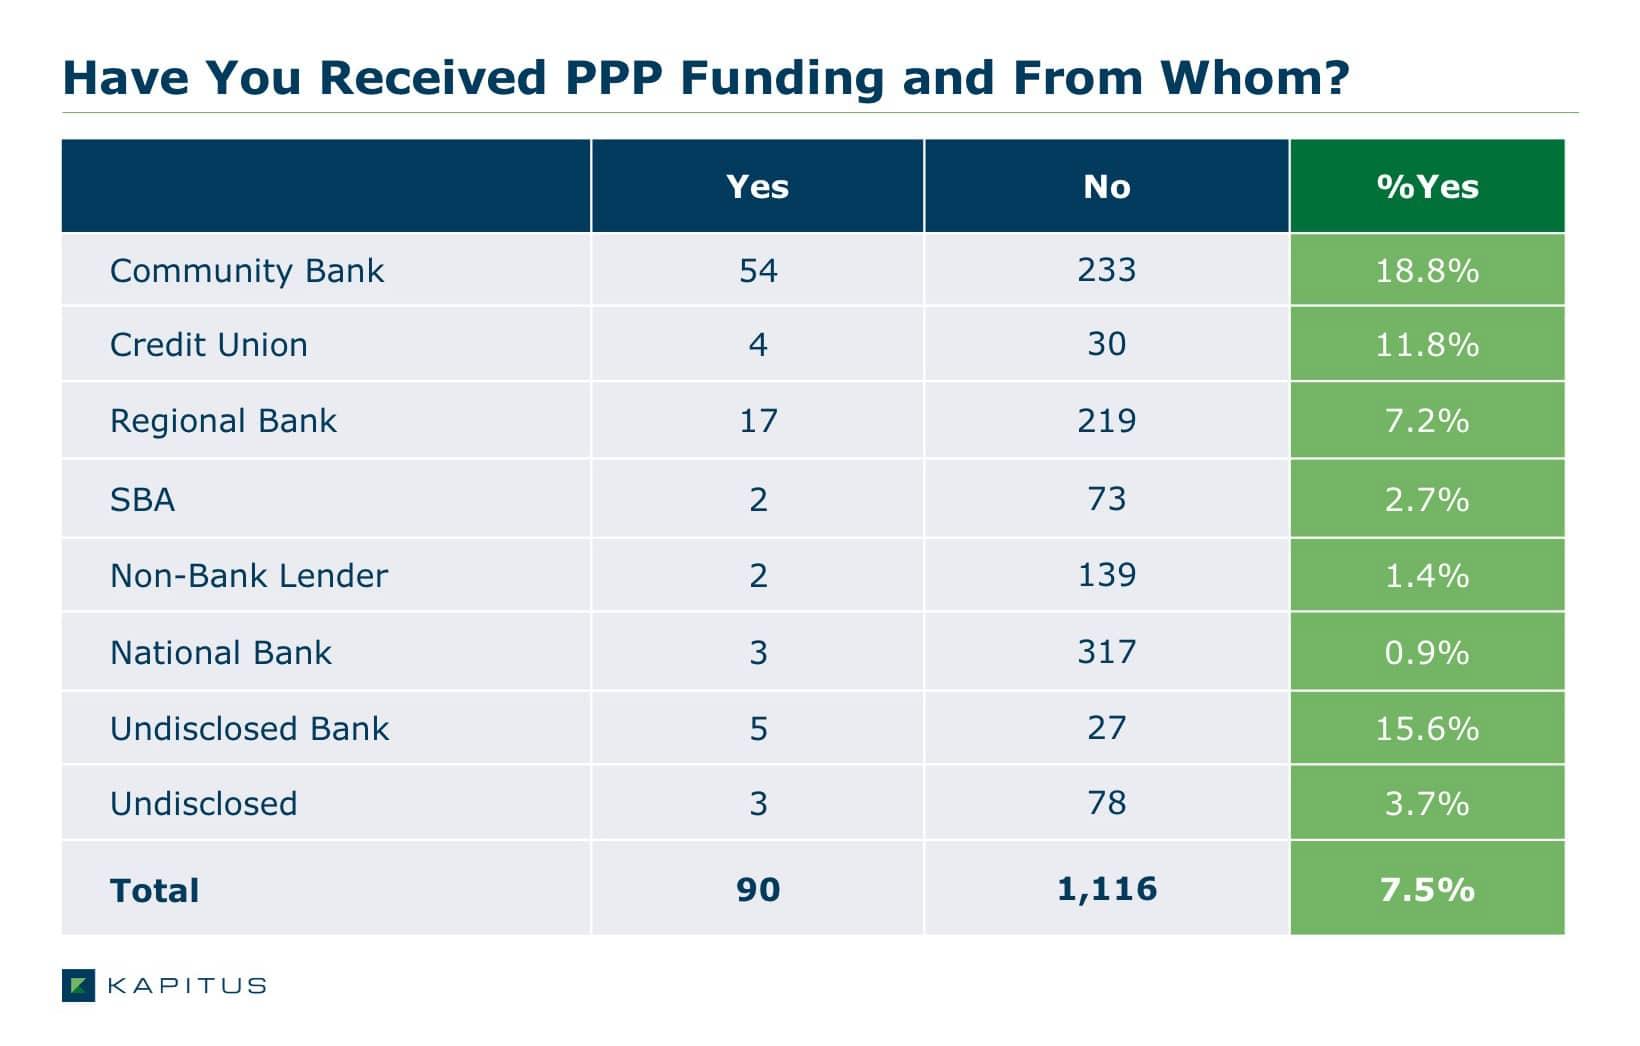 Kapitus PPP Survey